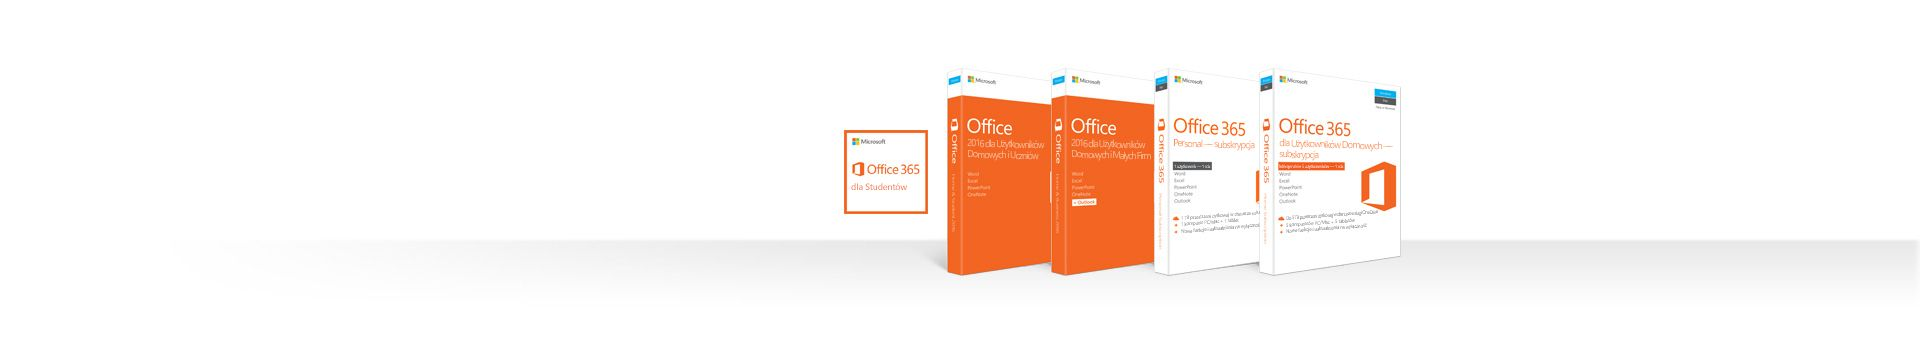 Opakowania subskrypcji i autonomicznych produktów pakietu Office dla komputerów PC